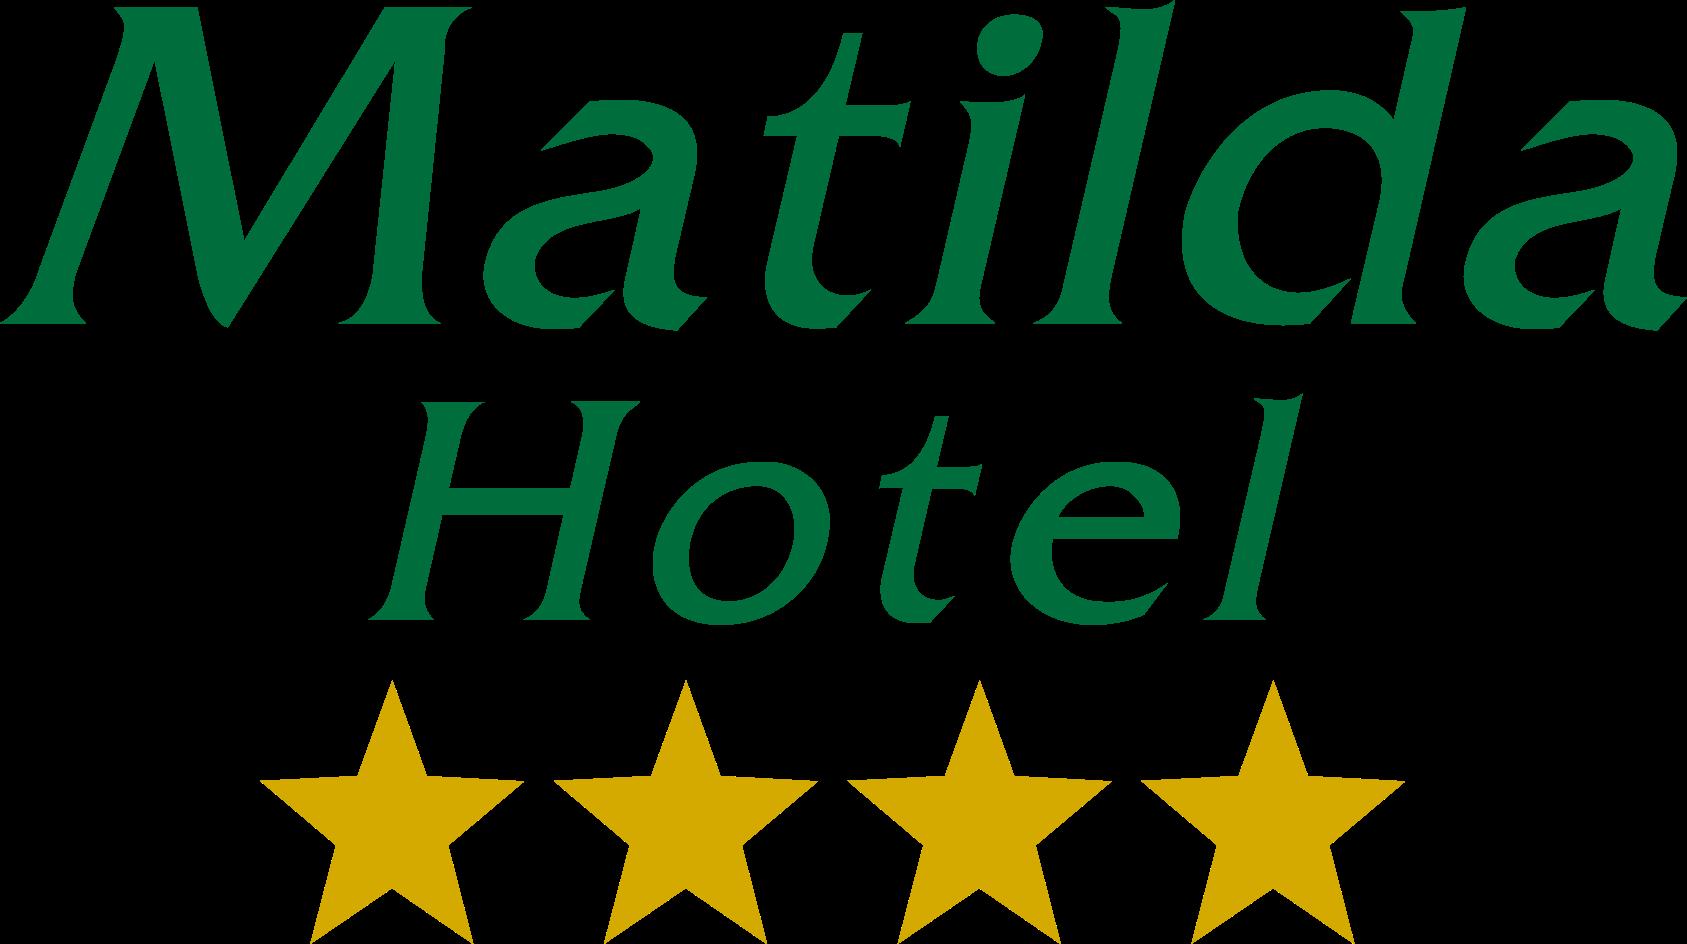 Ματίλντα